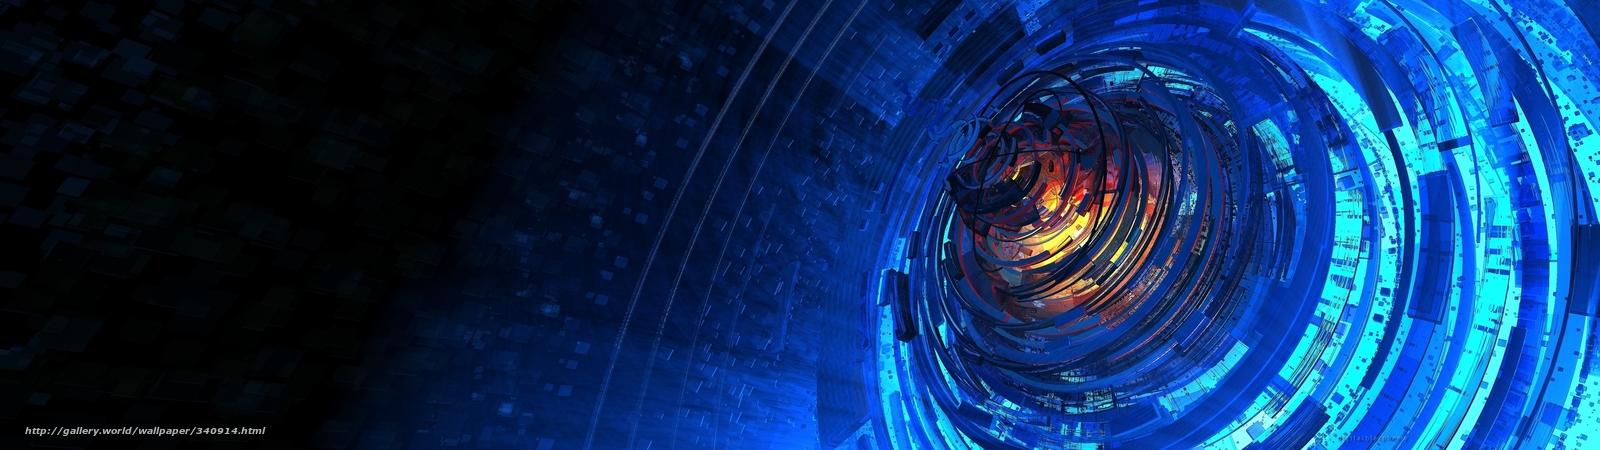 Descargar gratis comunidad,  luz,  ncleo,  explosin Fondos de escritorio en la resolucin 3840x1080 — imagen №340914